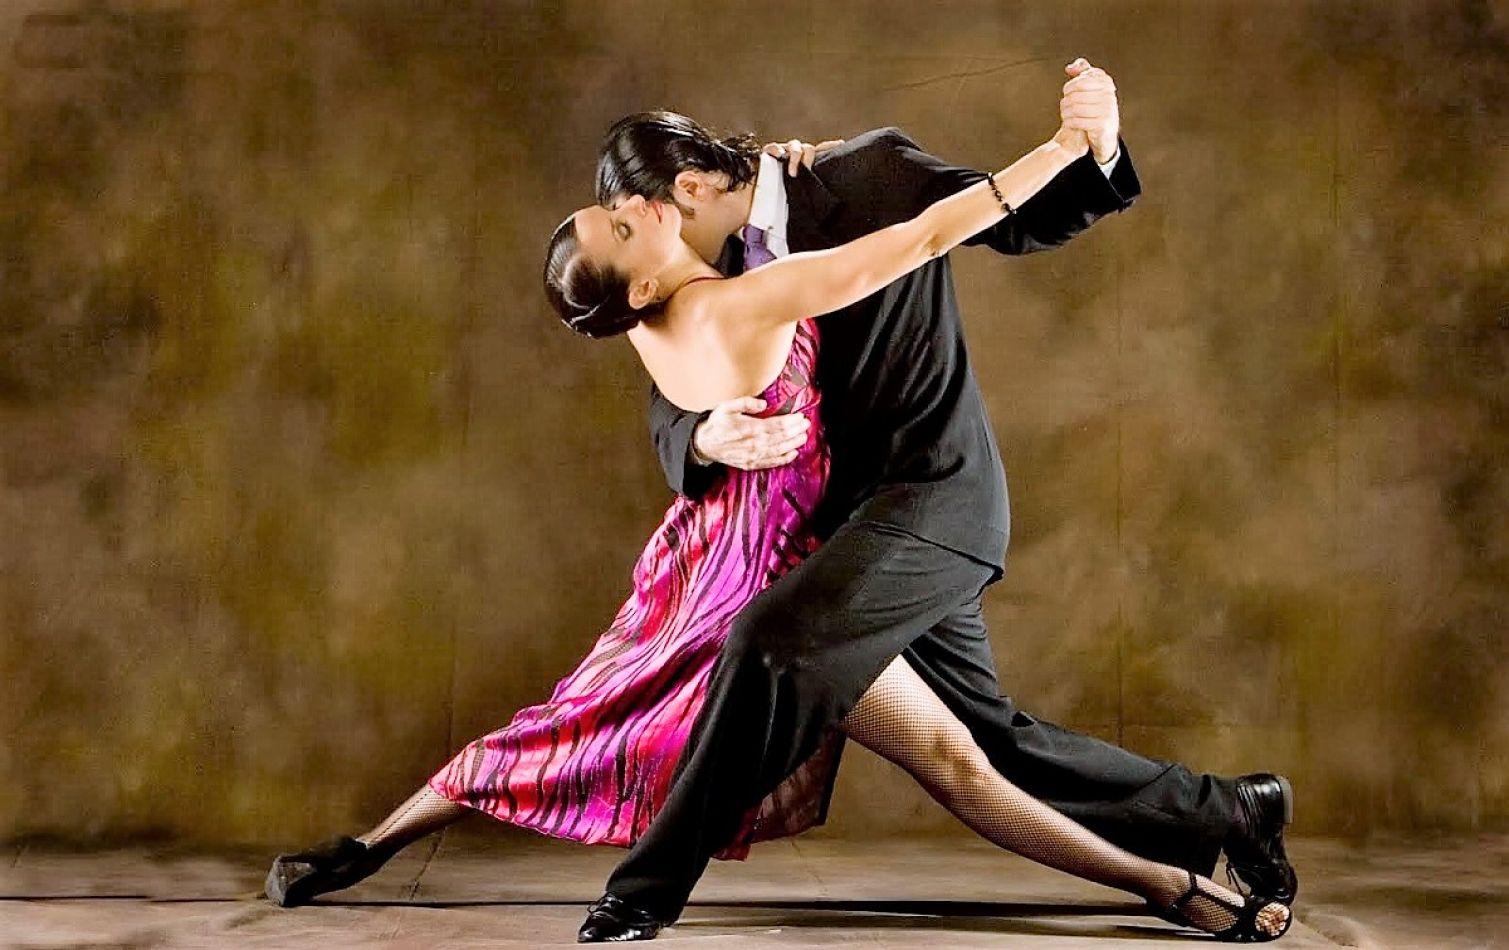 Bailarines fueguinos participarán en Bariloche del Preliminar del Mundial de Tango 2019.